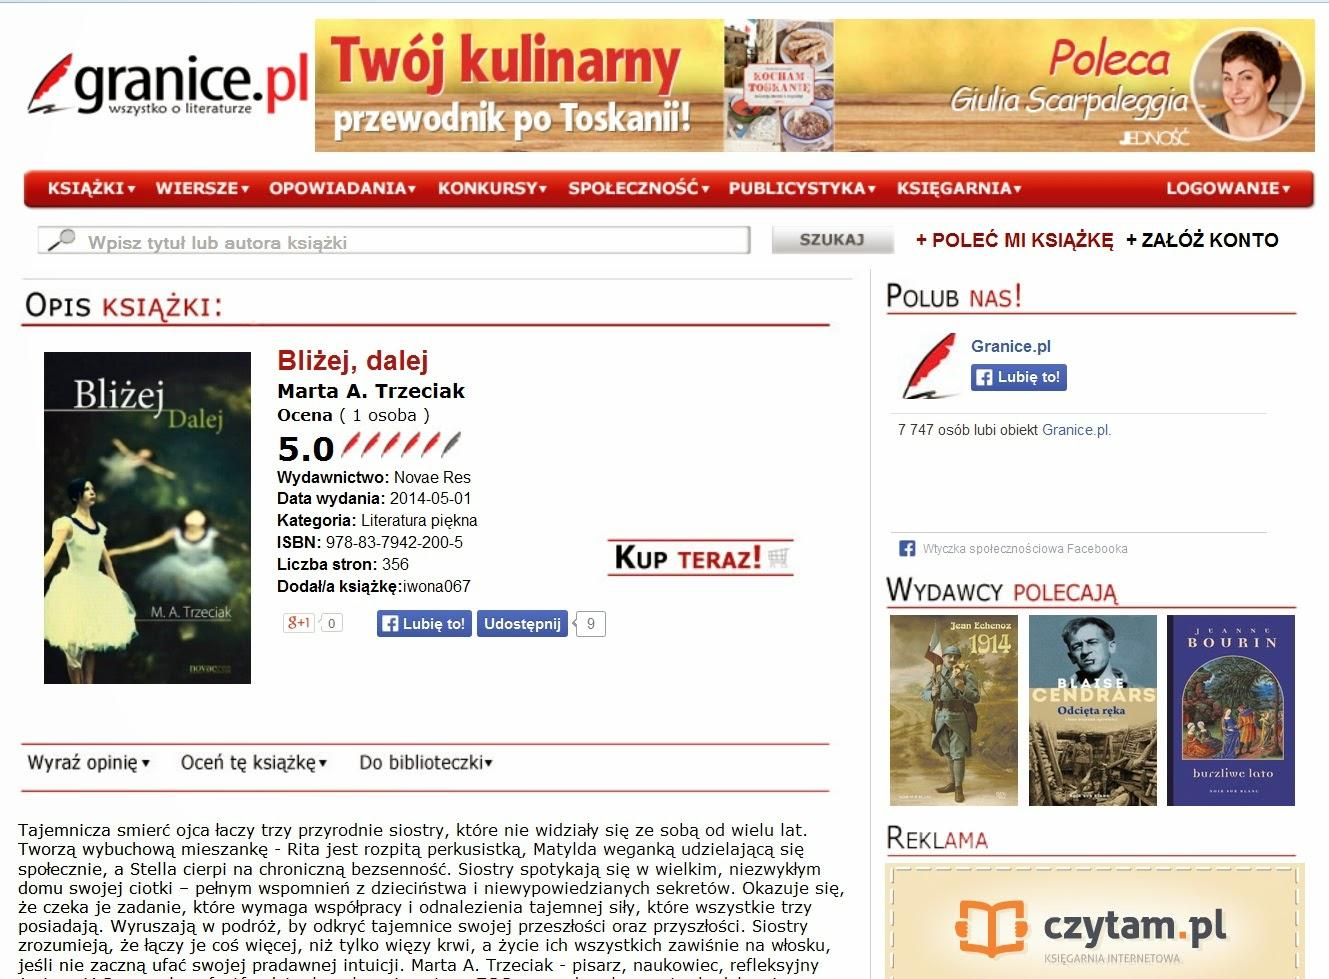 http://www.granice.pl/ksiazka,blizej--dalej,1336043#